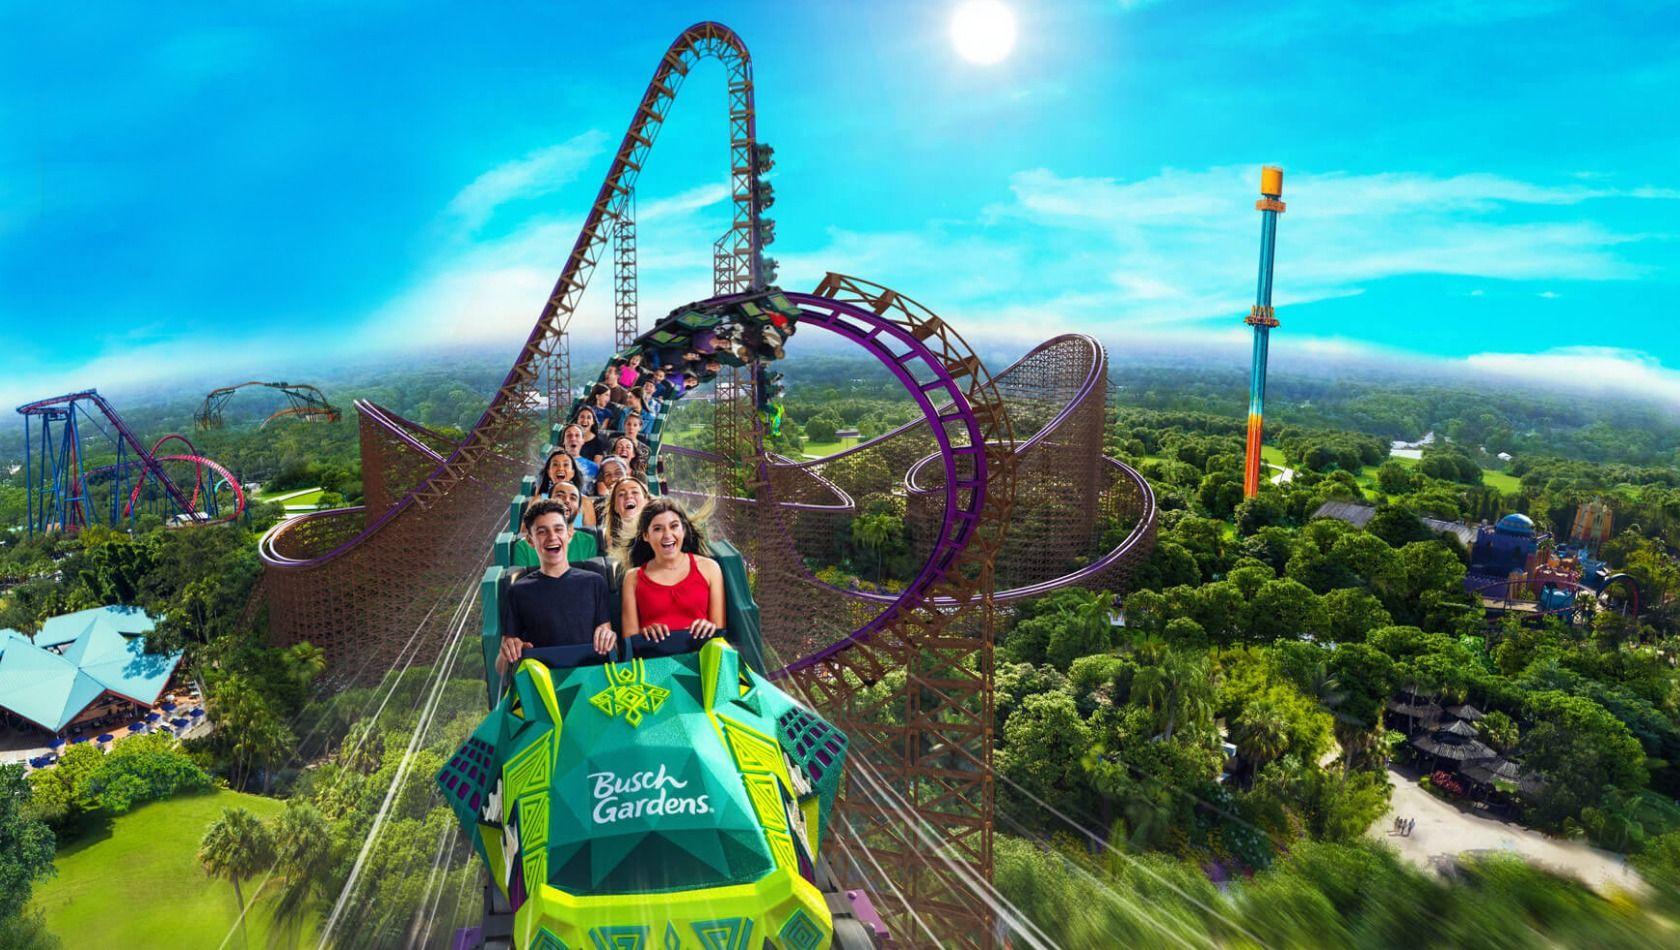 Iron Gwazi In Busch Gardens Tampa Wird Steilster Hybrid Coaster